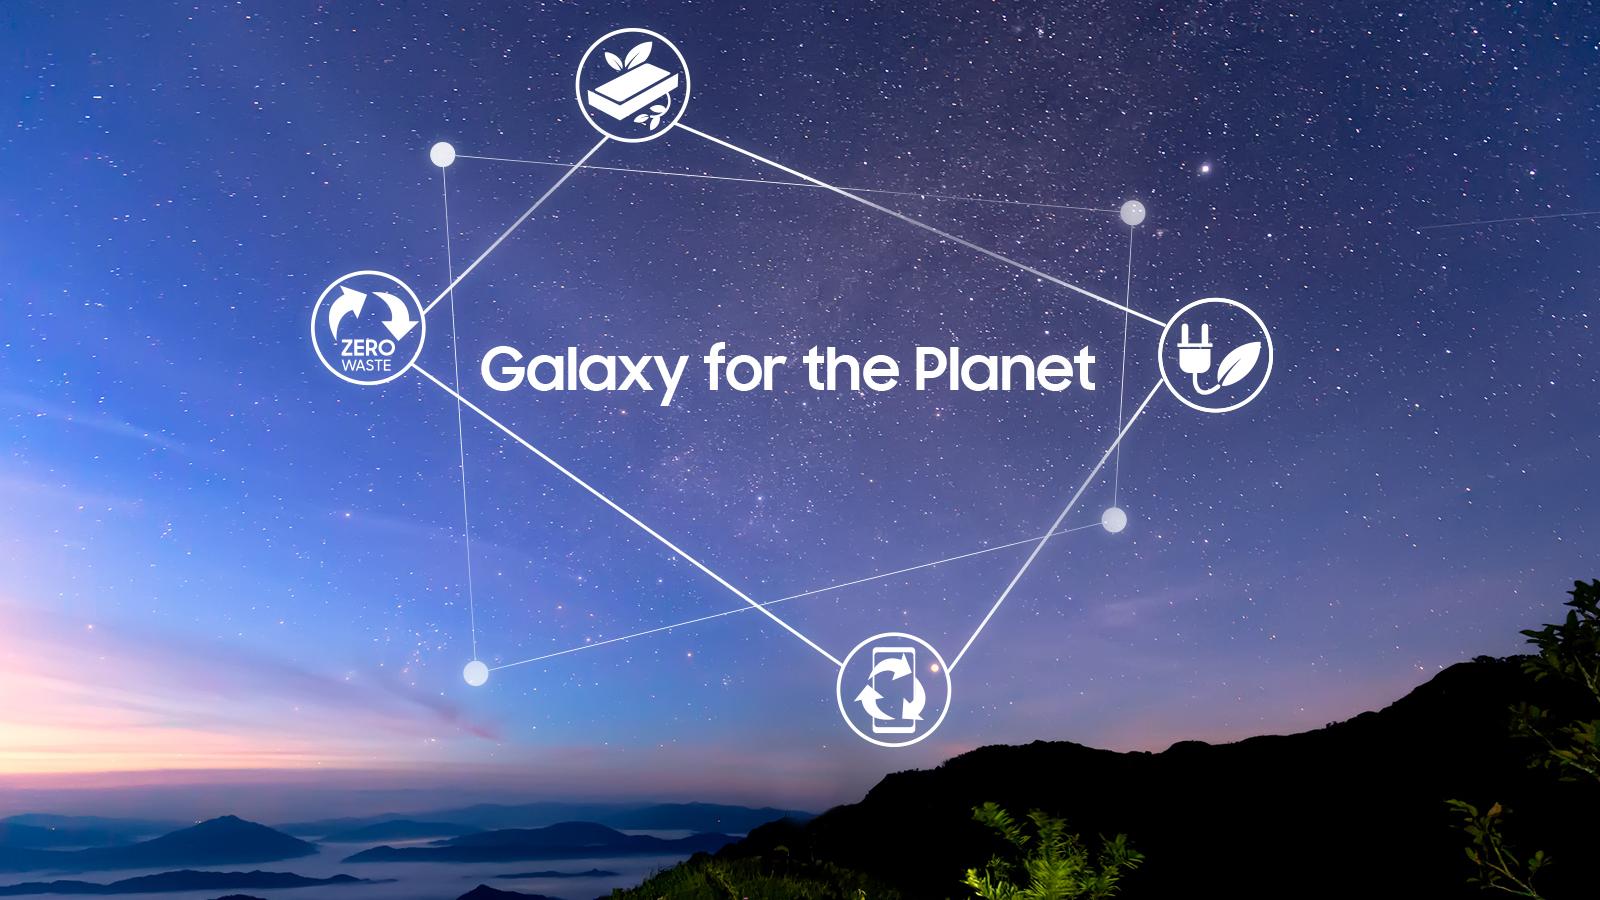 galaxy a bolgyóért